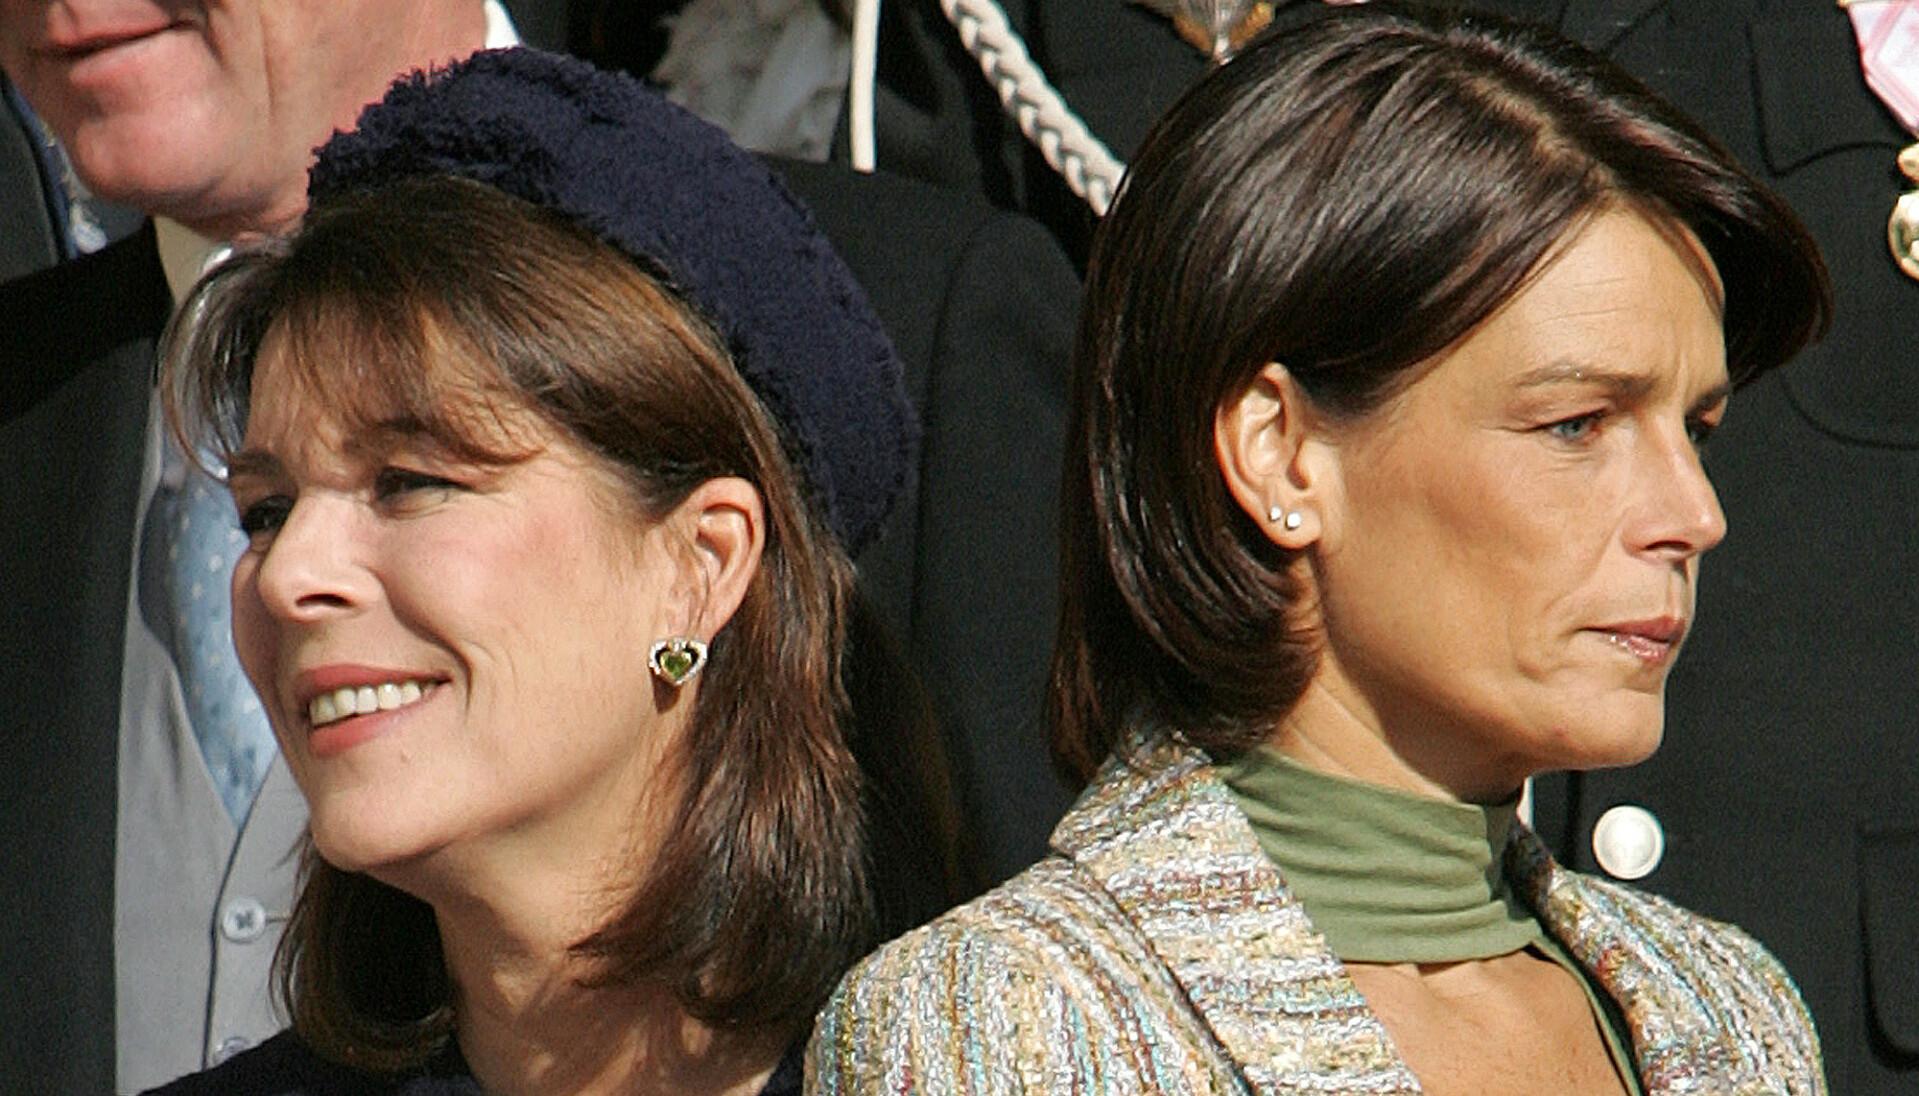 TETTE BÅND: Prinsesse Stephanie har betrodd seg til søsteren prinsesse Caroline. De vonde ryktene har Stephanie måttet leve med i mange år. Foto: NTB.